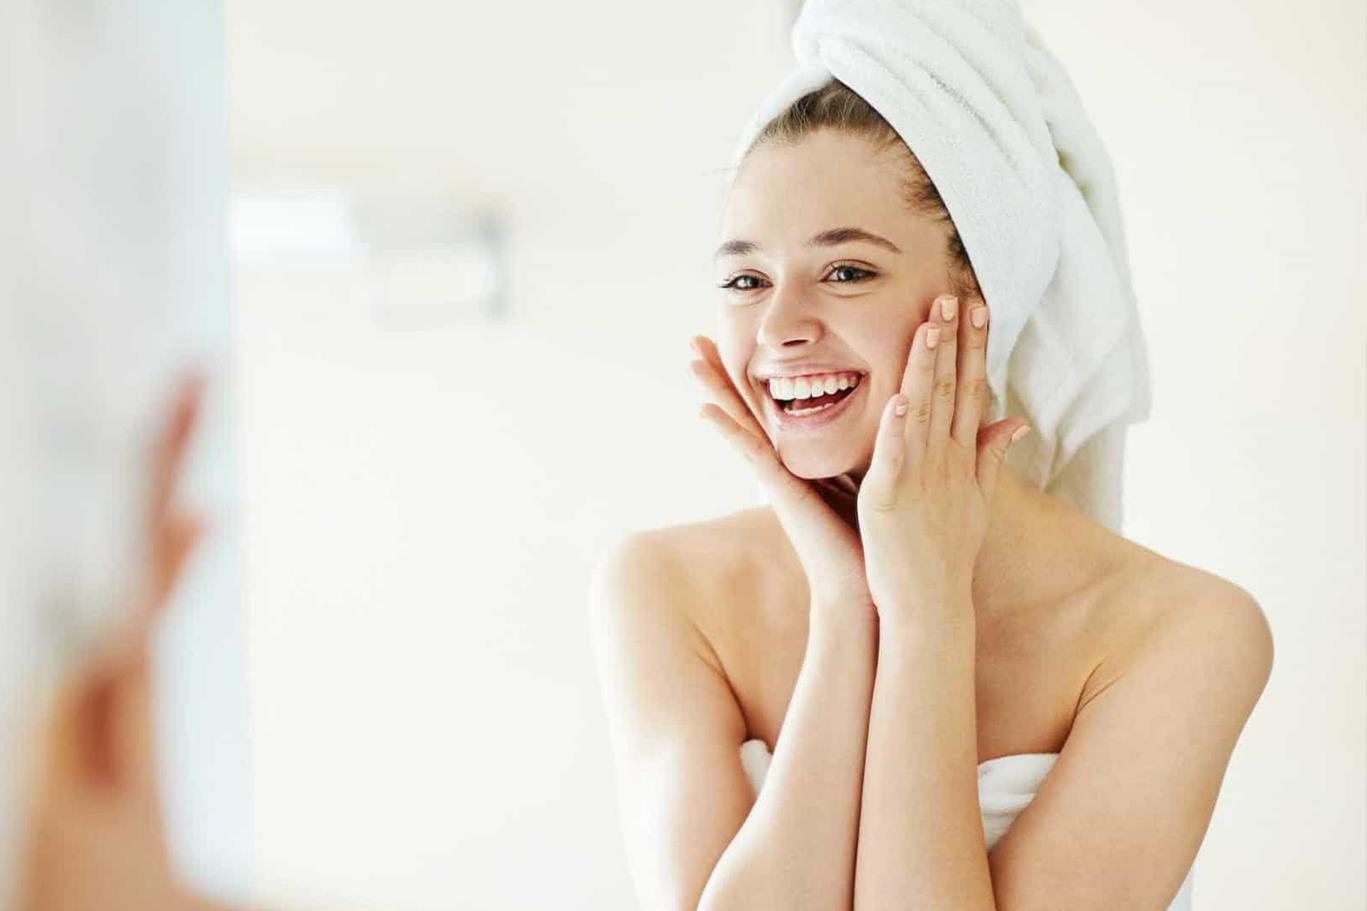 Chân ái chăm sóc da nằm ở tips rửa mặt Sạch sâu - Ẩm mượt mà khối nàng vẫn chưa biết tới - Ảnh 1.